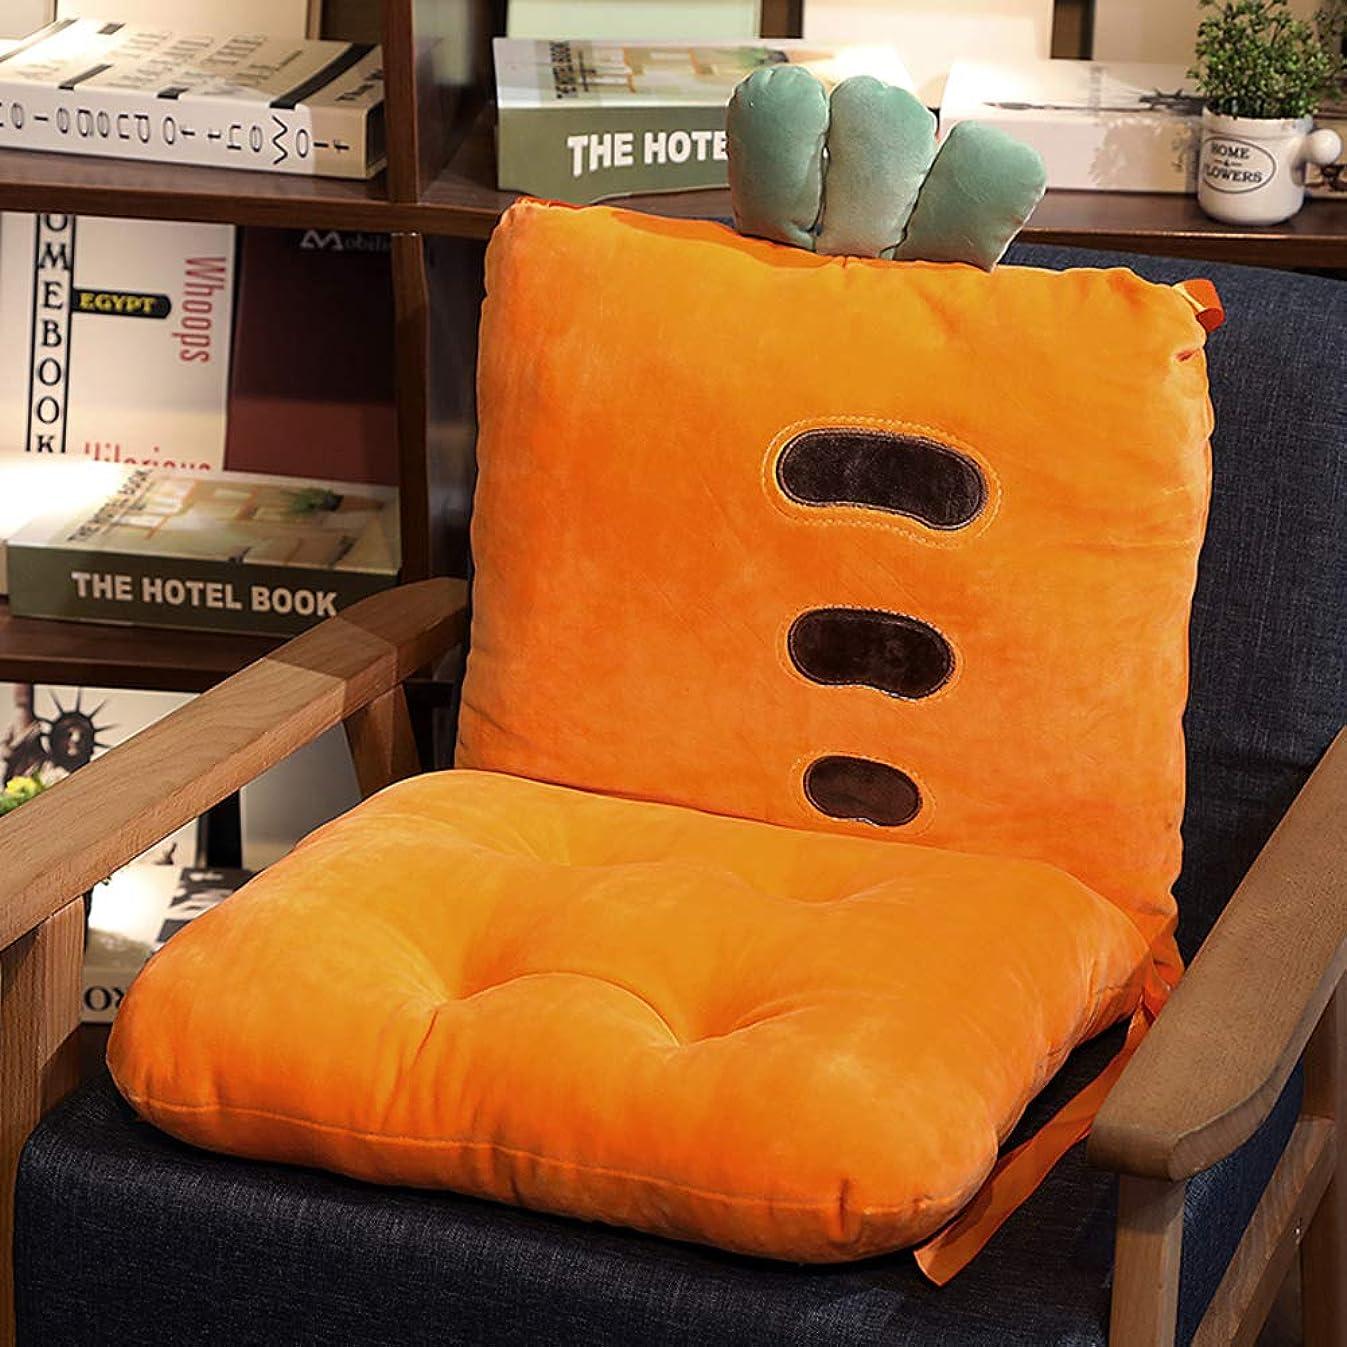 荷物テラス責め漫画 イス用シートクッション, 厚い ゲルクッション そして クッション 一緒に 屋内 屋外 便 通気性 過剰 シャム 深い座席クッション セット-オレンジ 40x80cm(16x31inch)